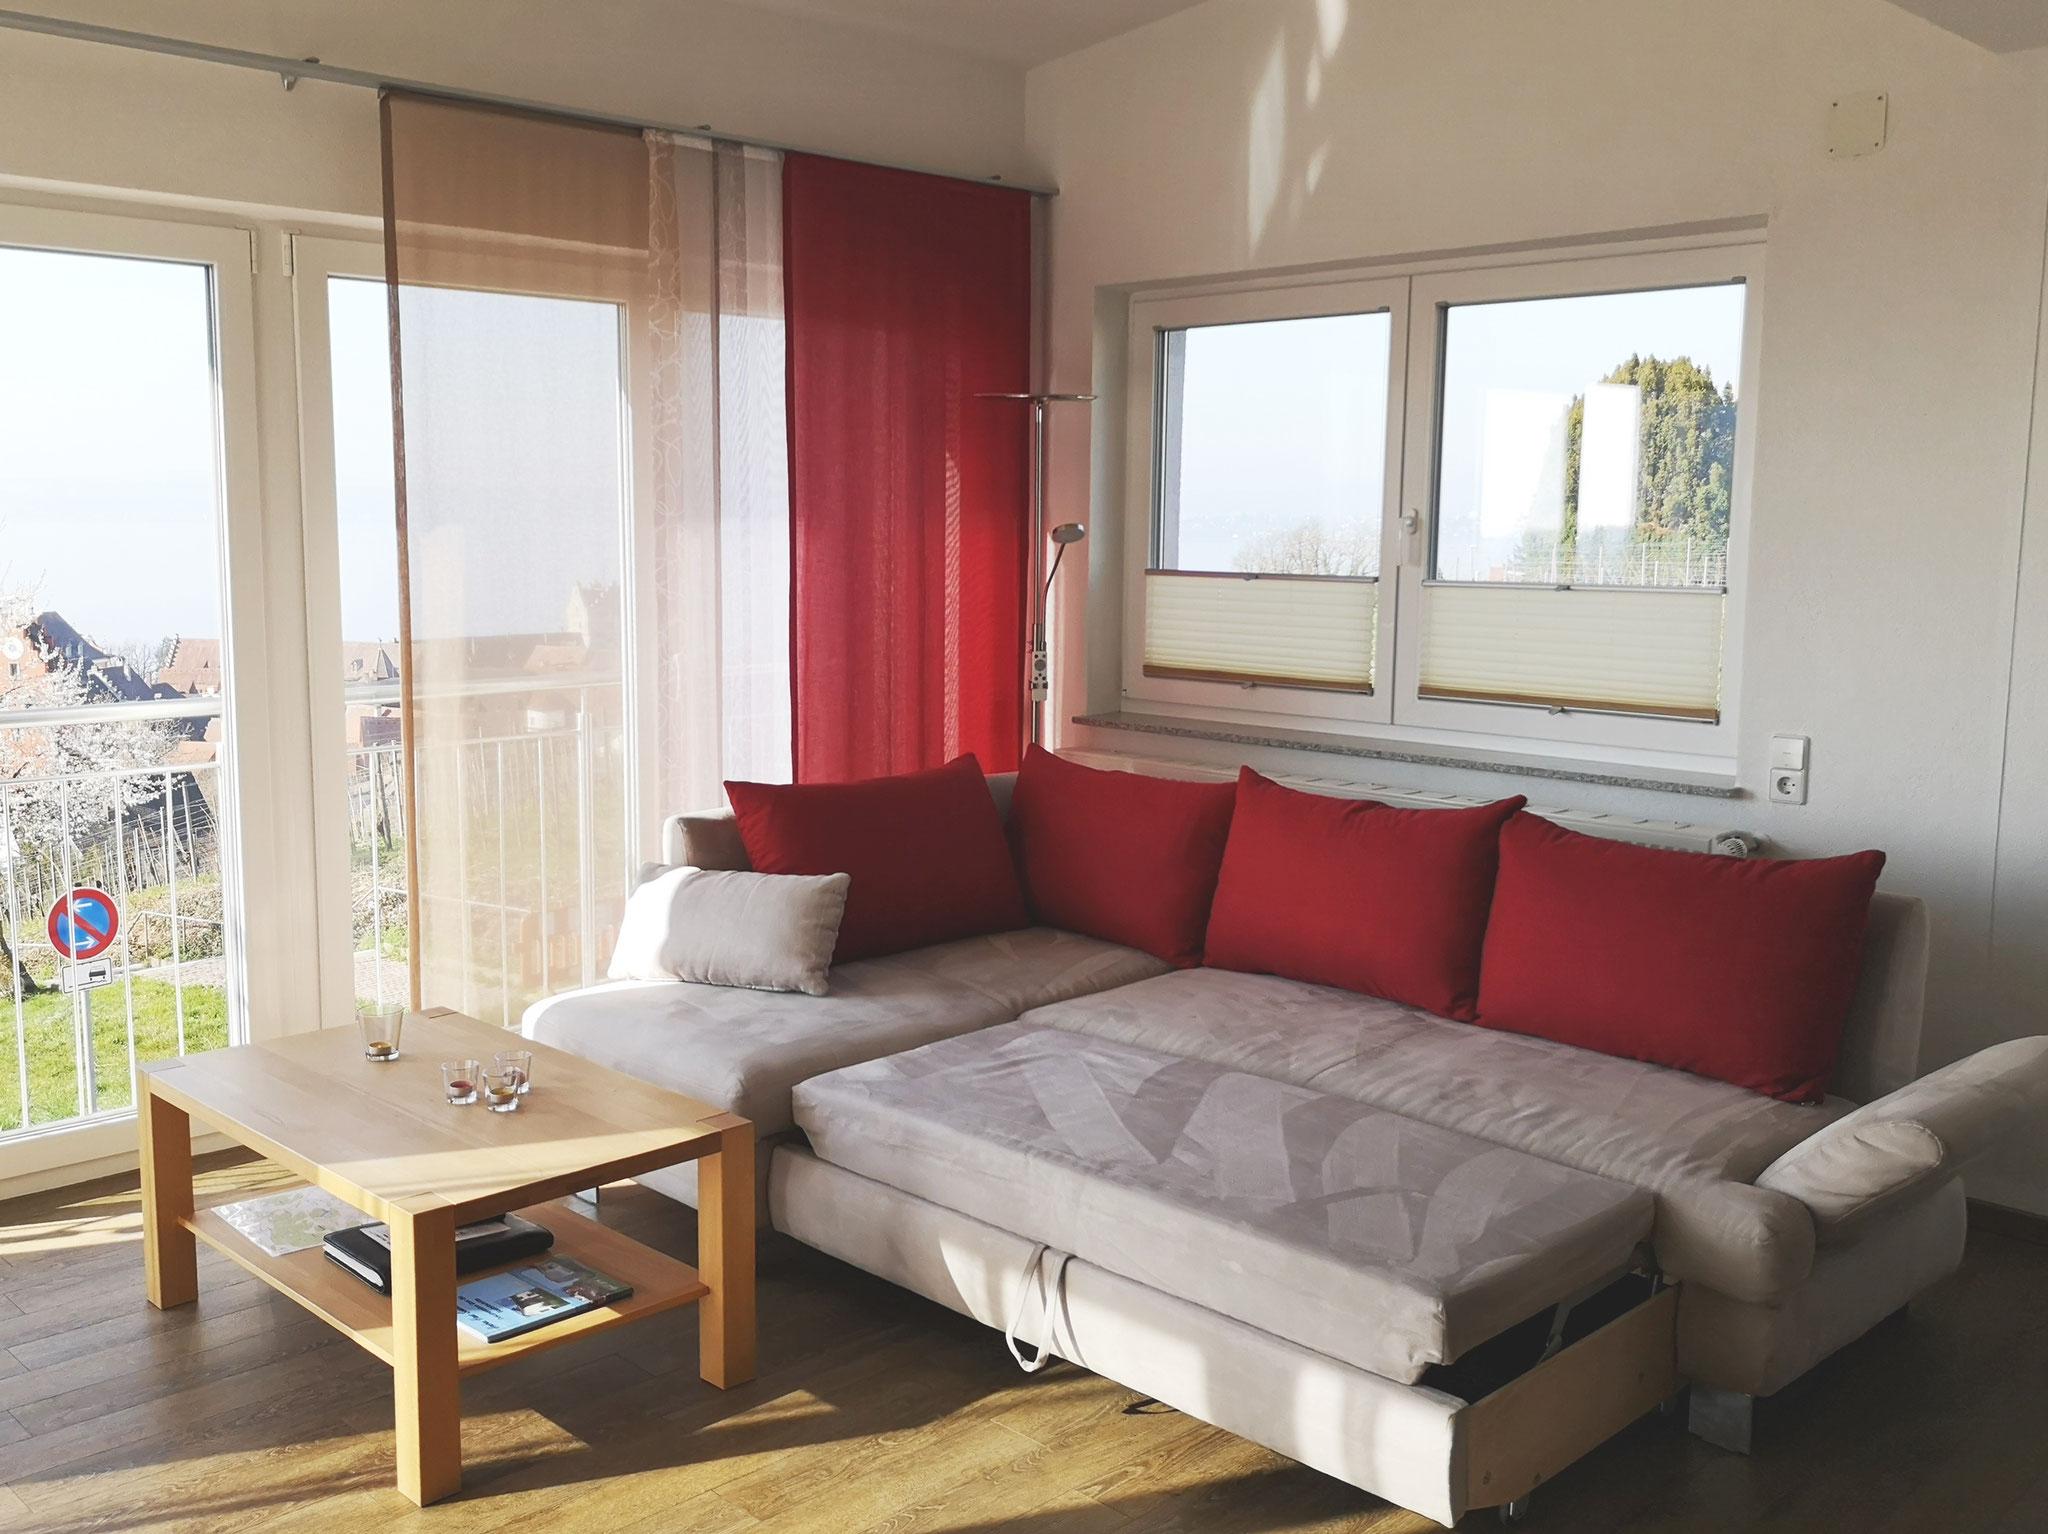 ausziehbares Sofa (weitere zwei Schlafplätze)